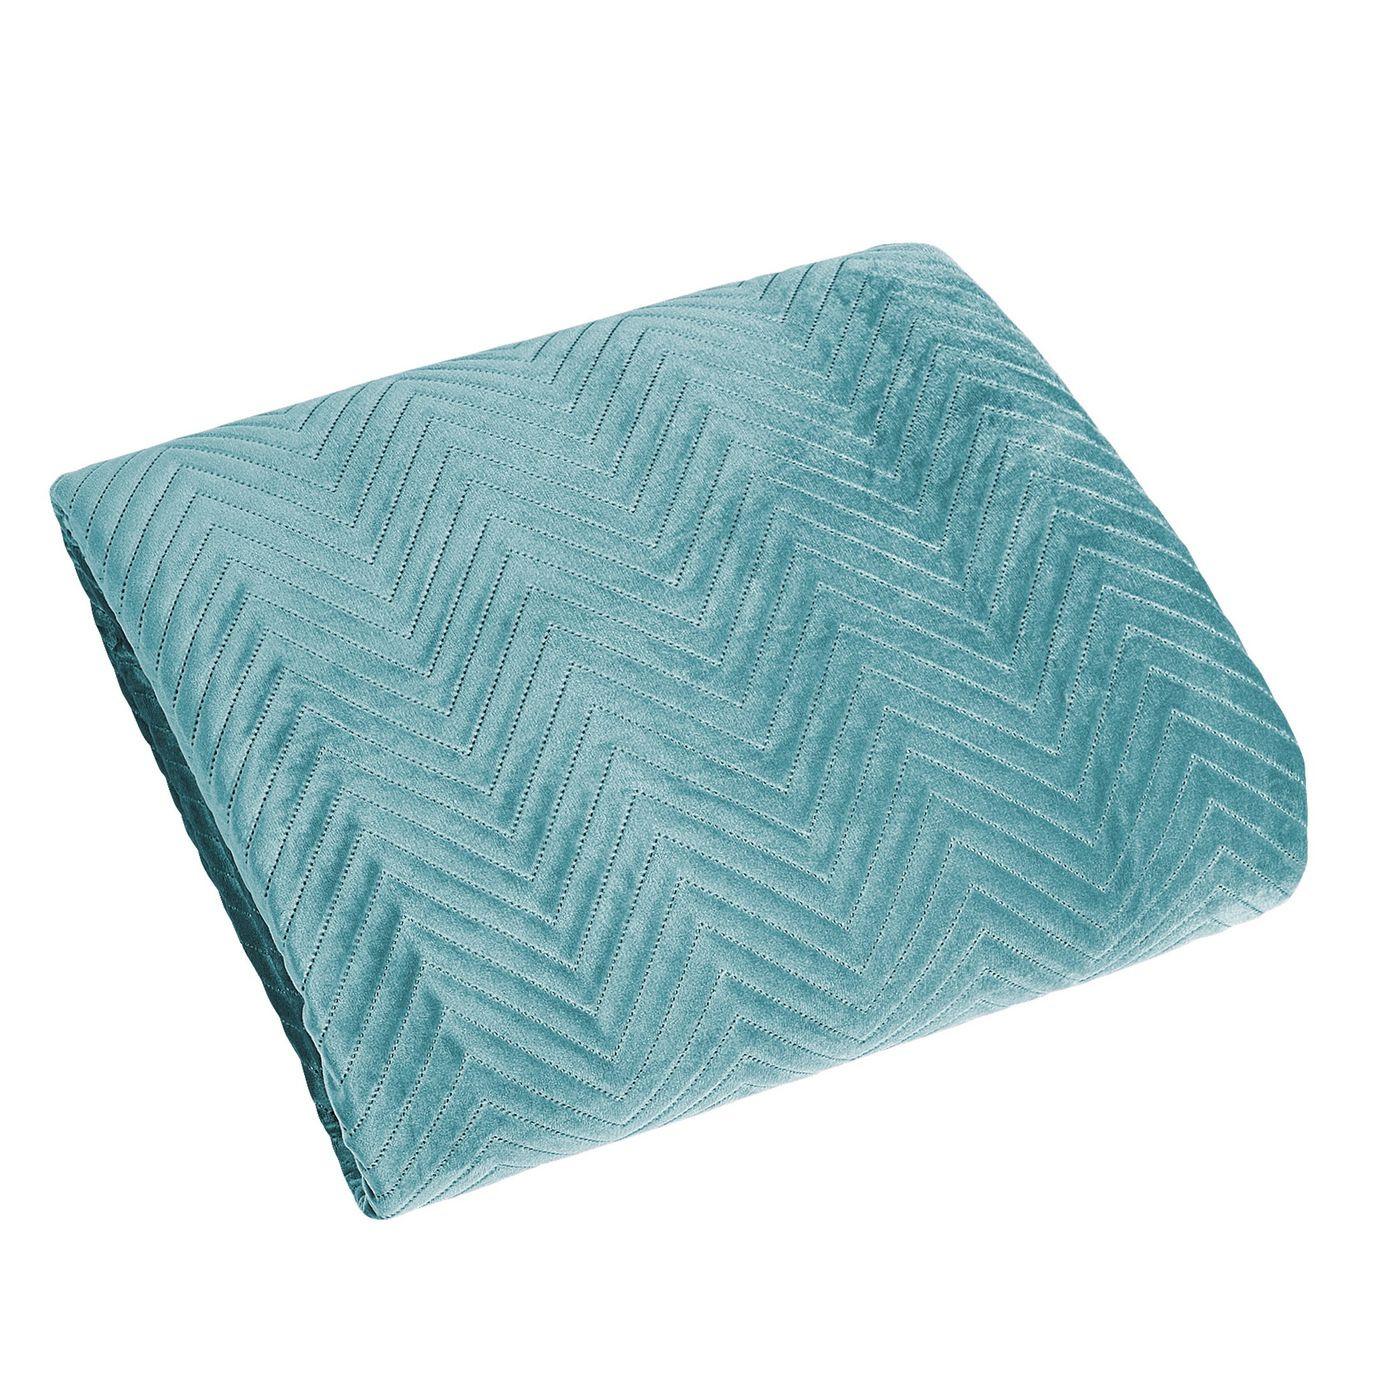 Minimalistyczna narzuta na łóżko miętowa 170x210 cm